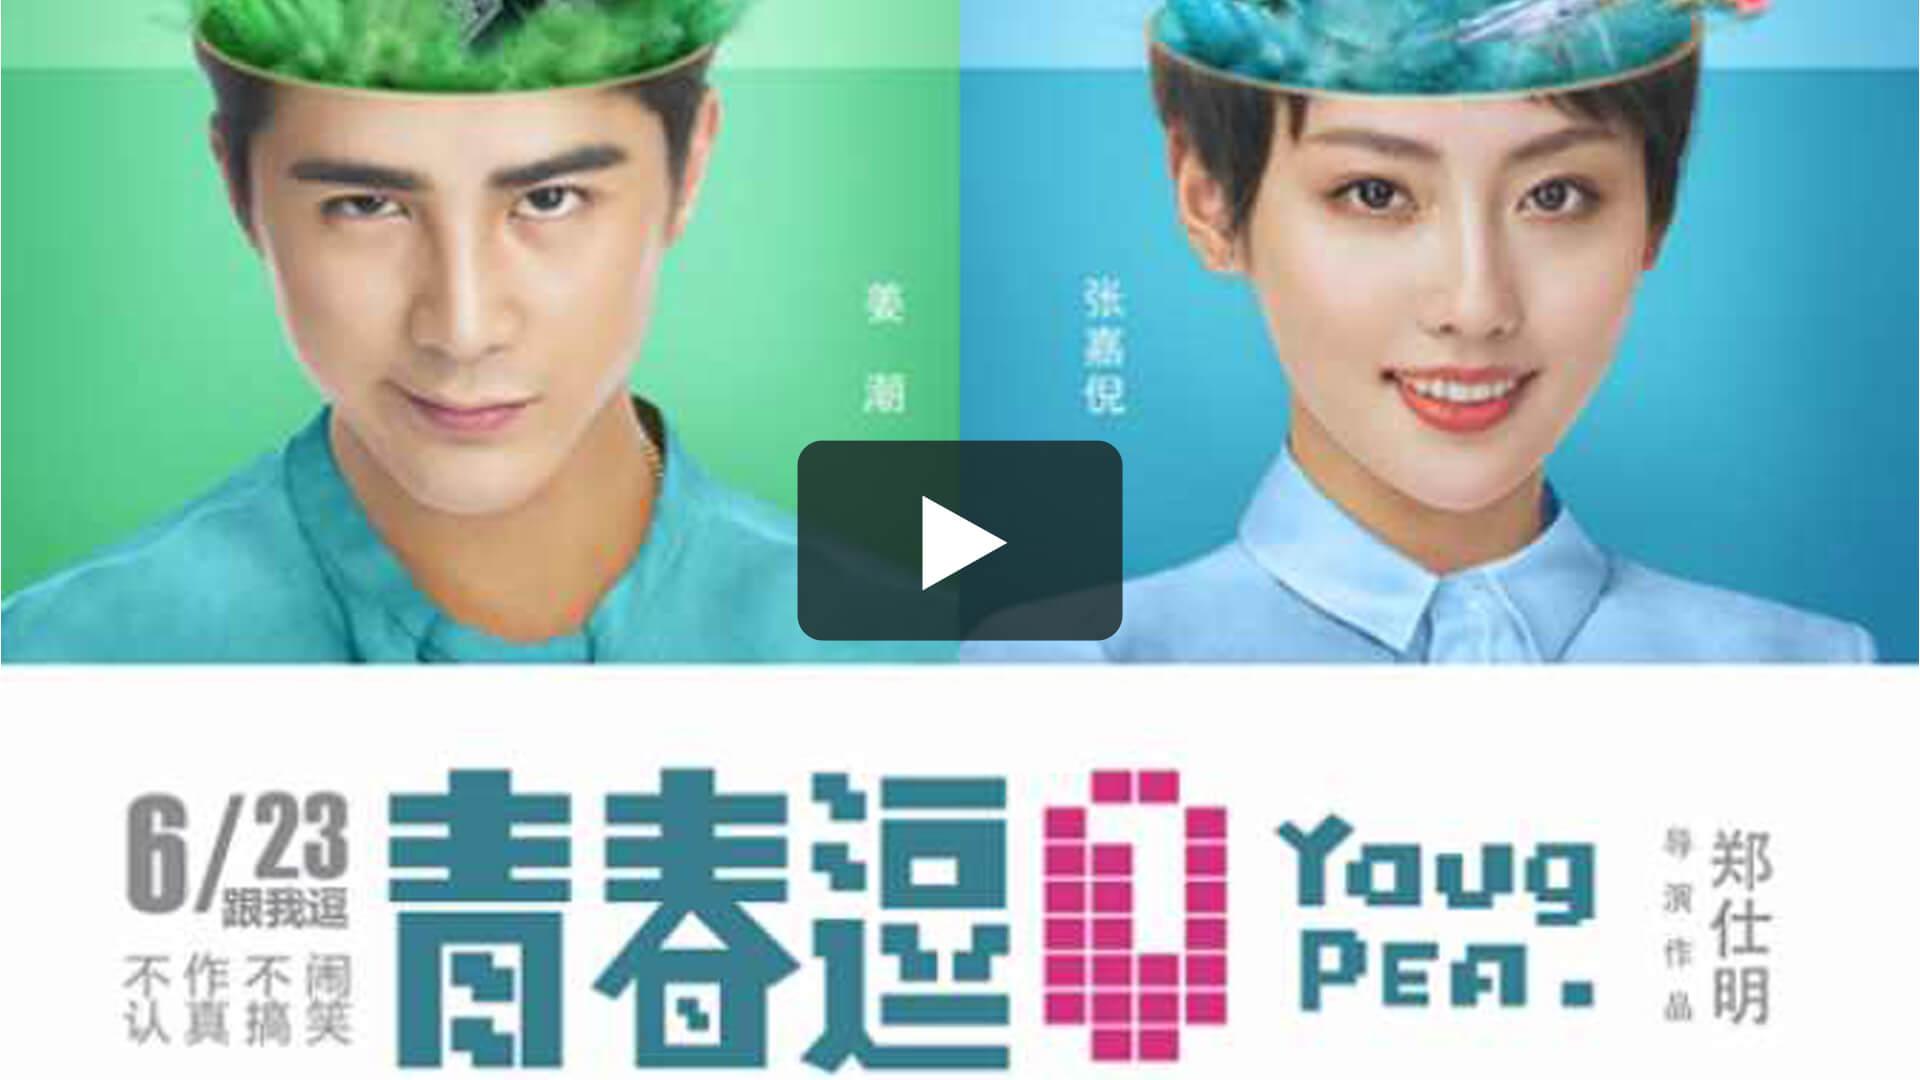 青春逗 - Young Pea